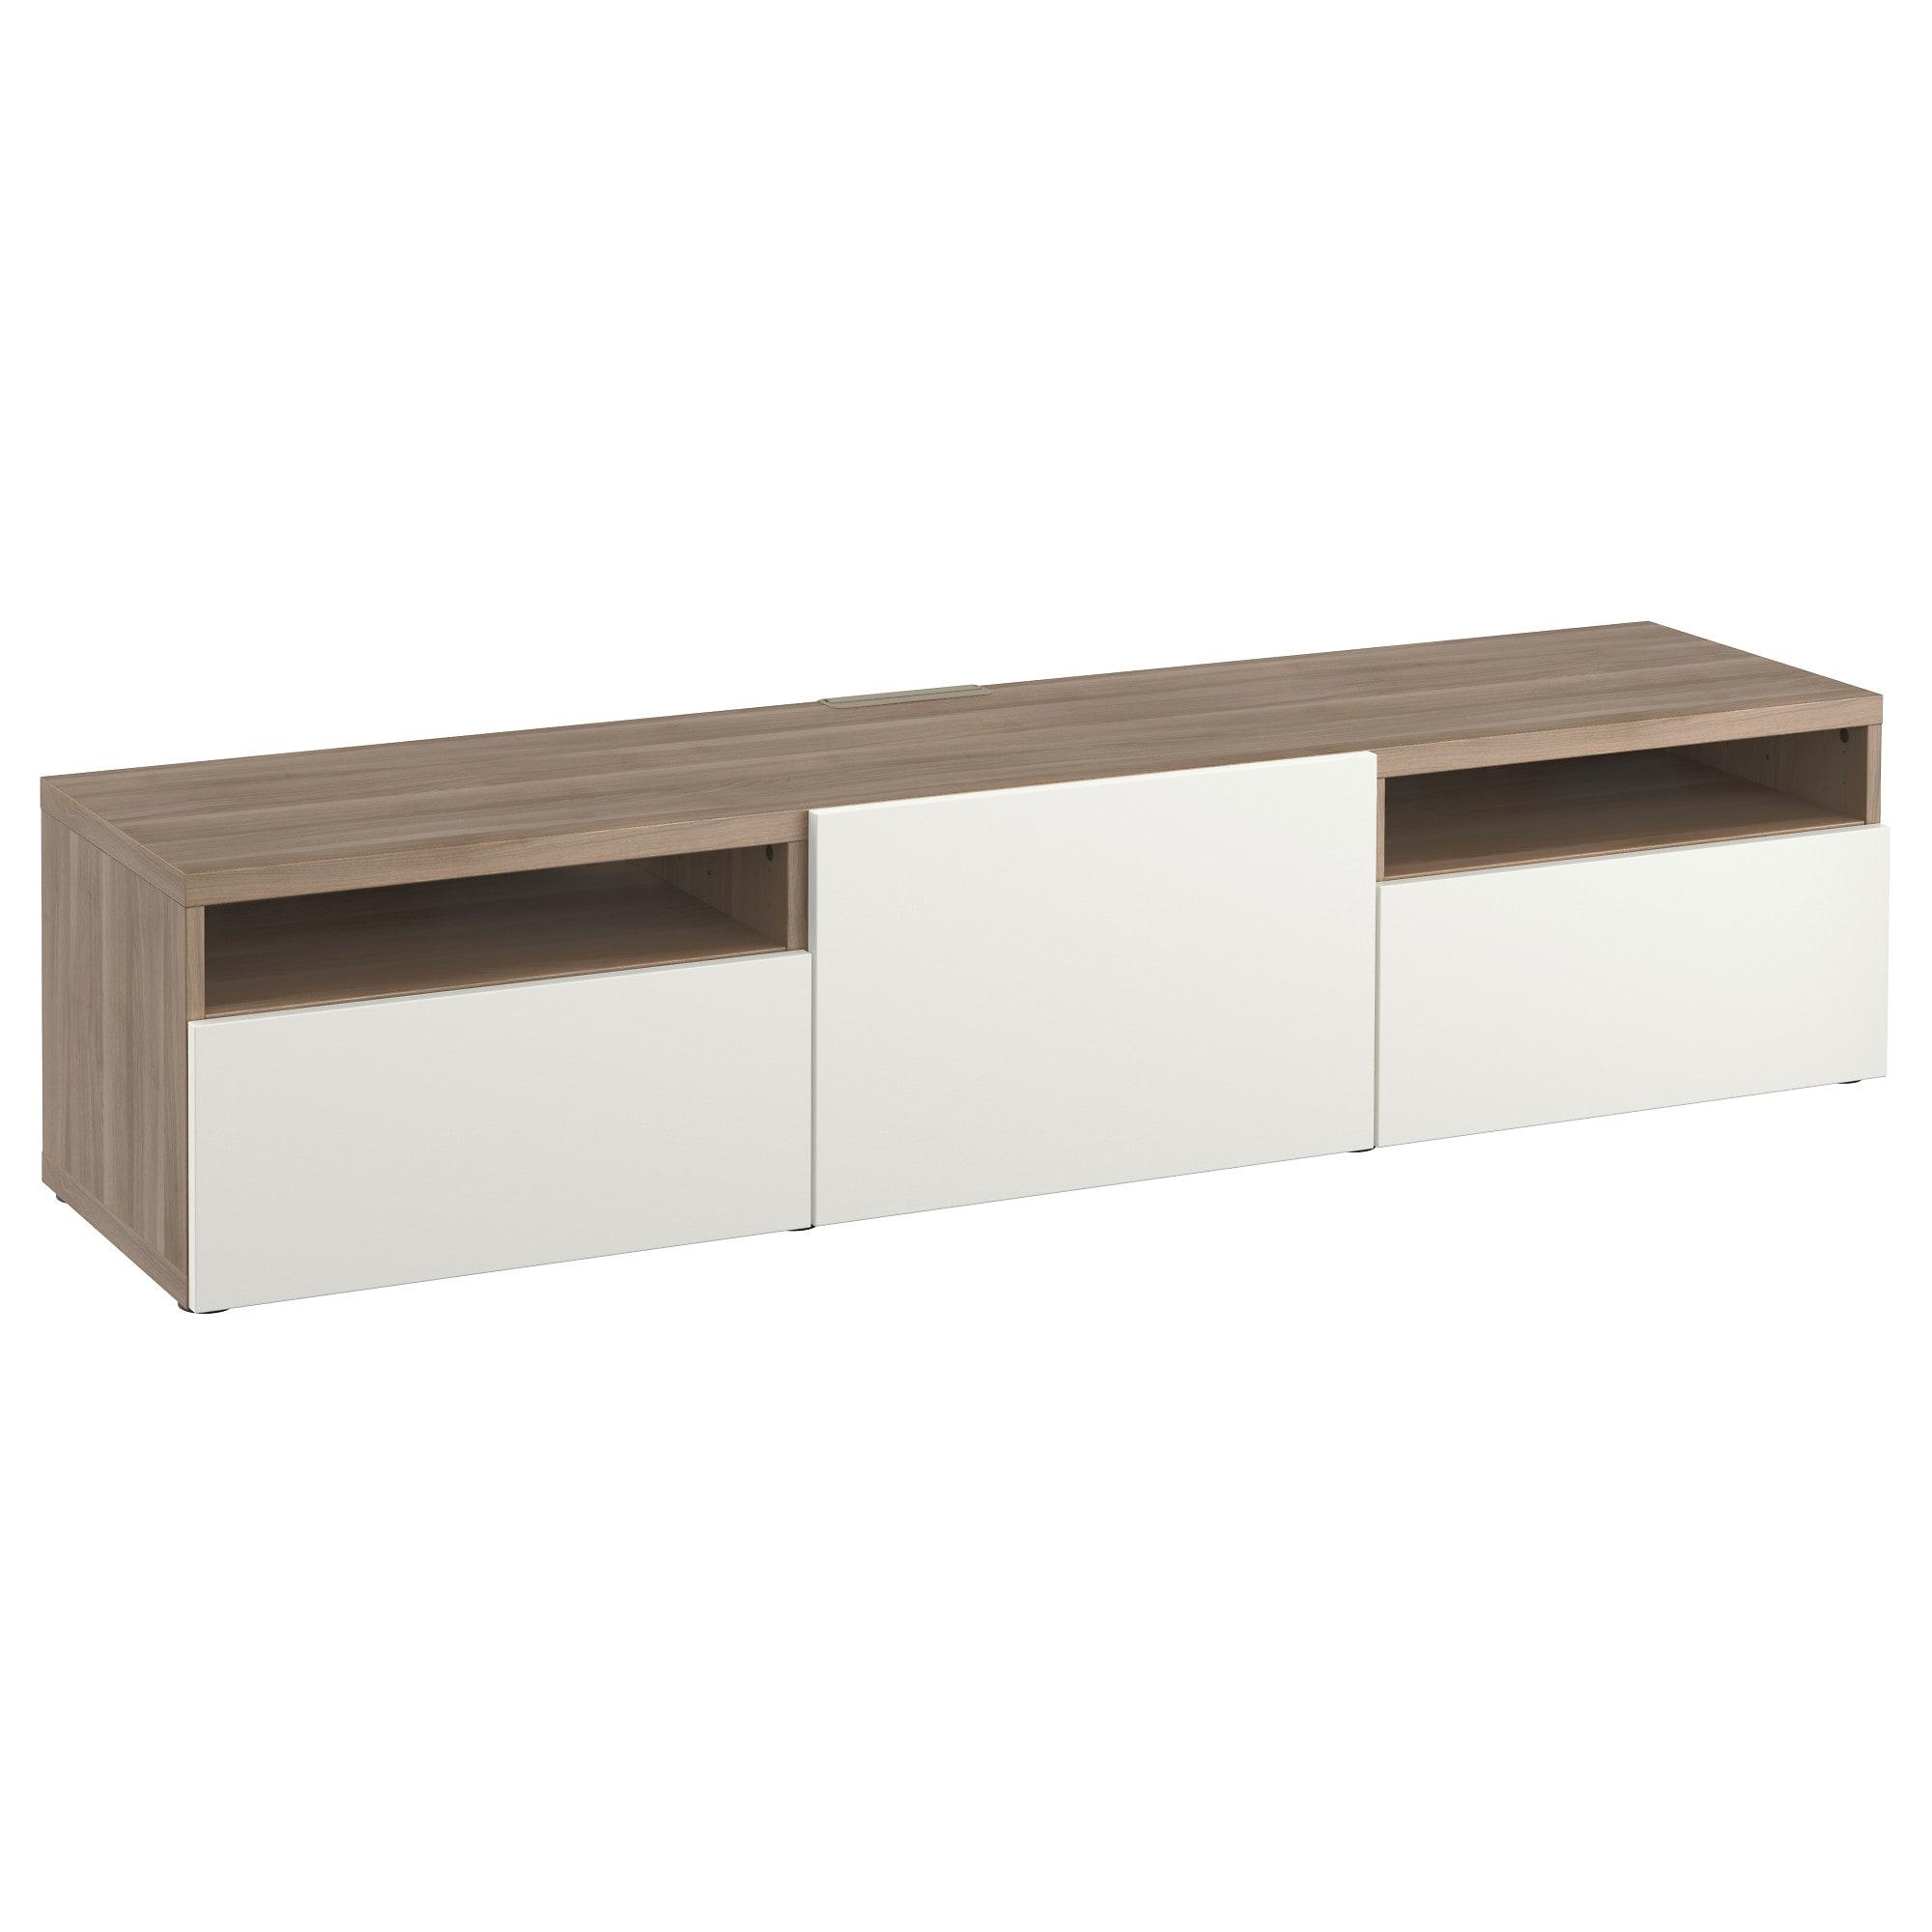 Mesas De Television Ikea Txdf Muebles De Tv Y Muebles Para El Salà N Pra Online Ikea